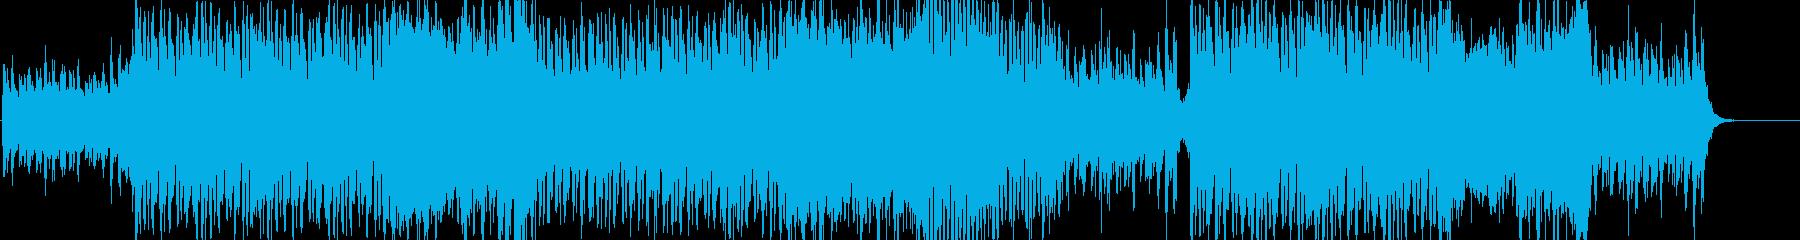 ハロウィンにぴったりなオーケストラの再生済みの波形